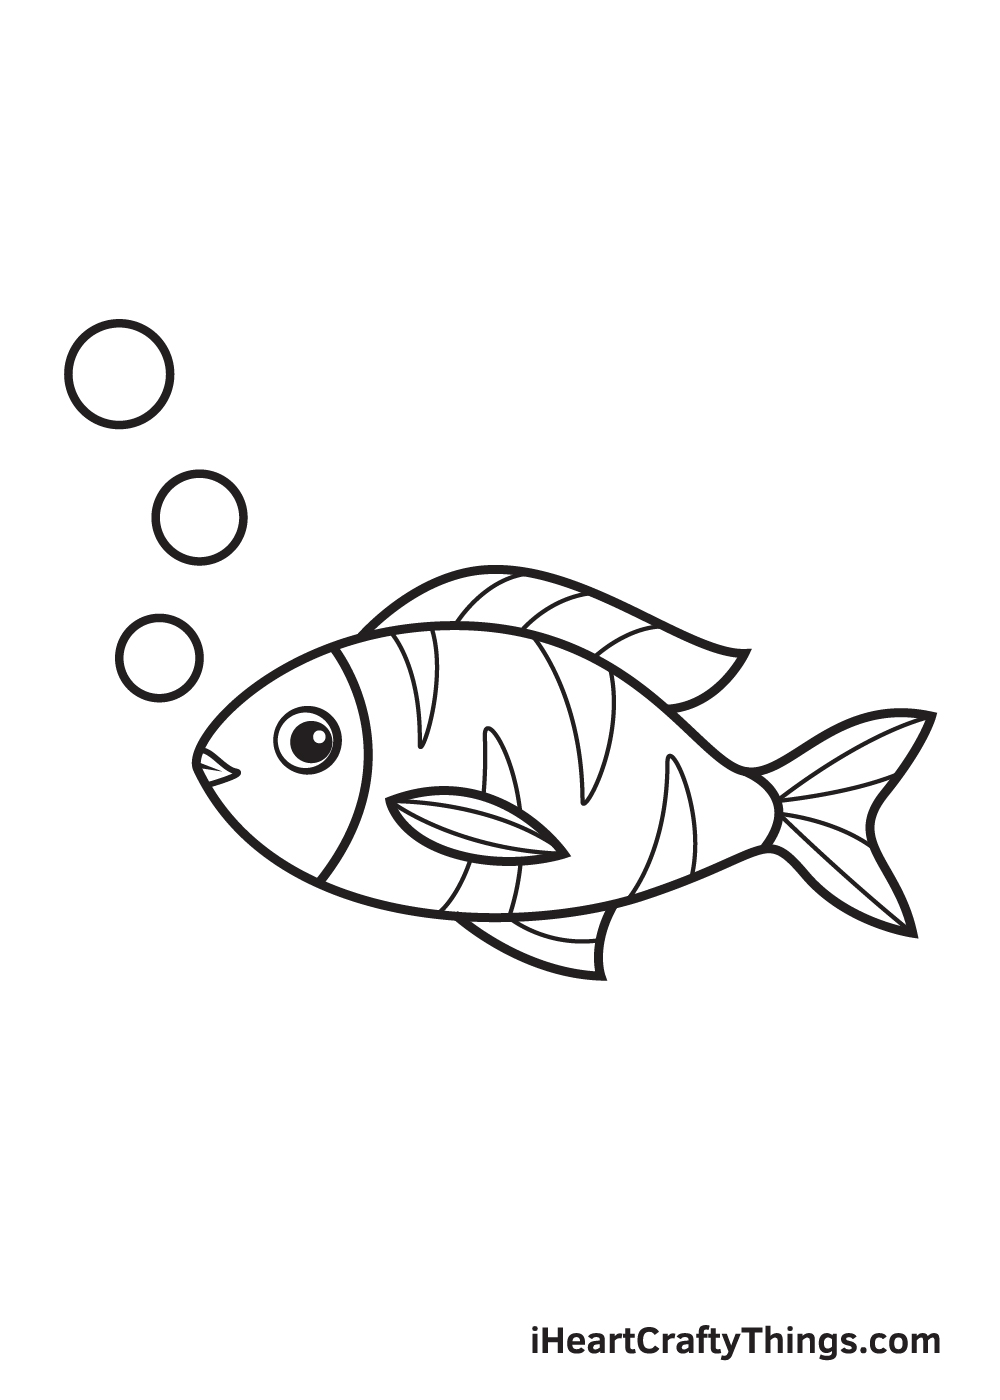 fish drawing - step 9